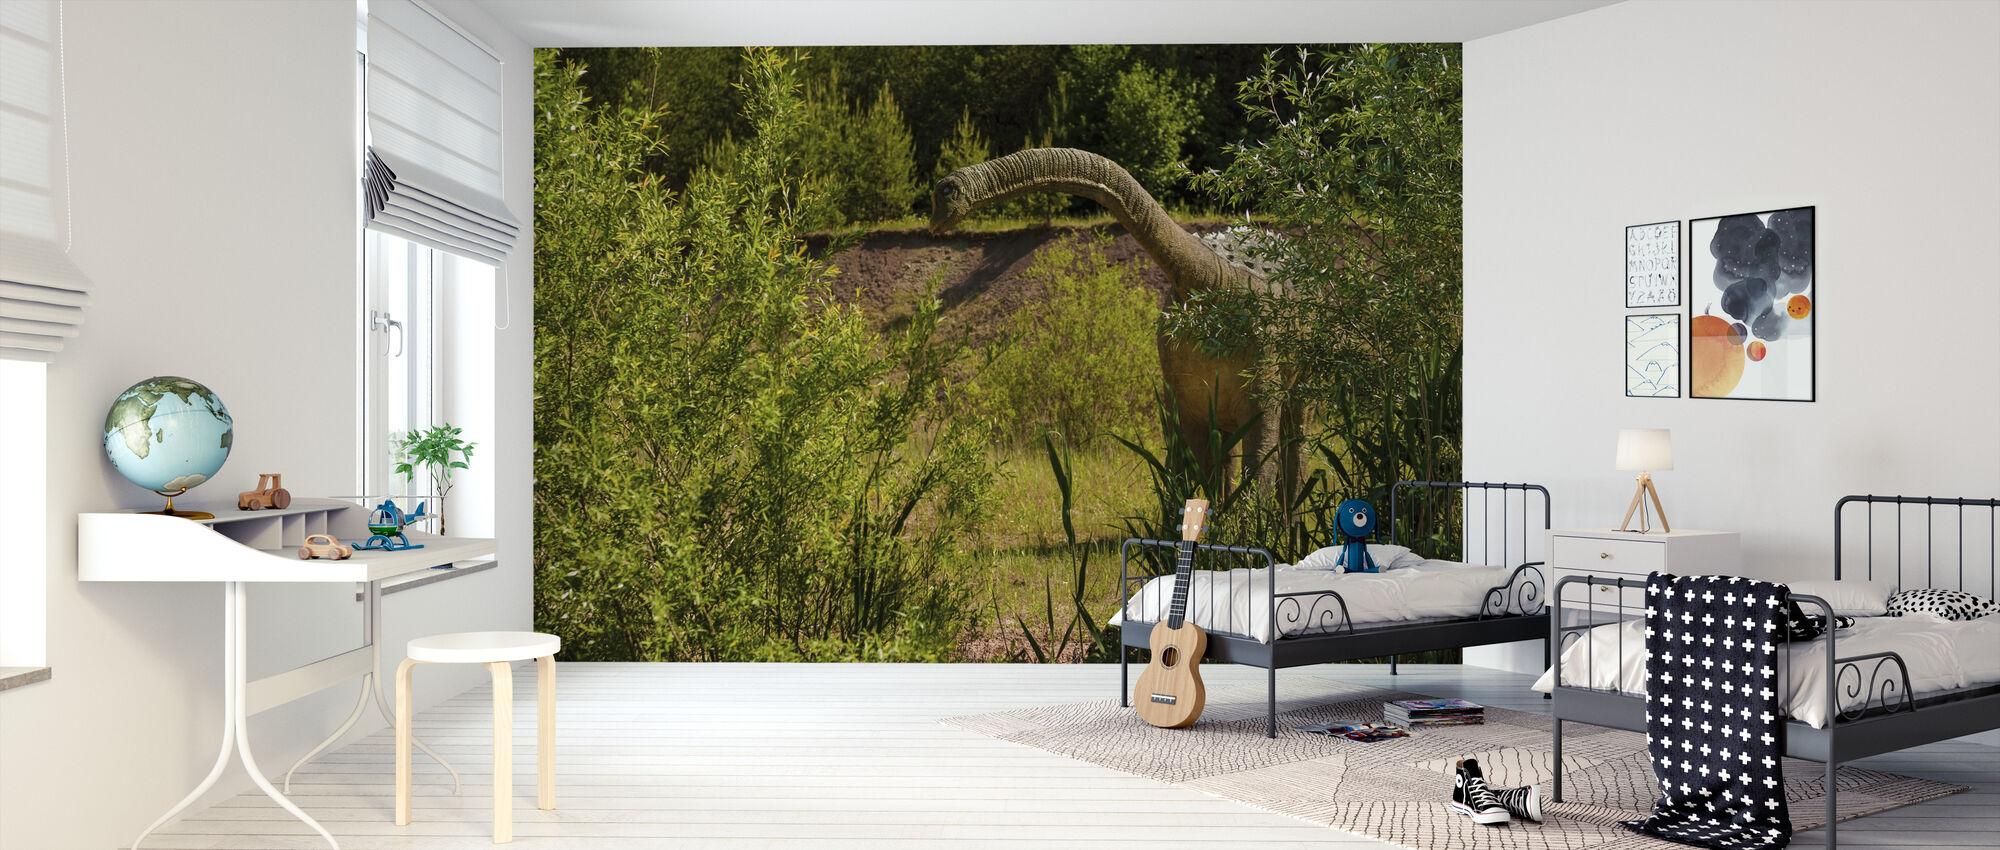 Pitkäkaulainen dinosaurus - Tapetti - Lastenhuone